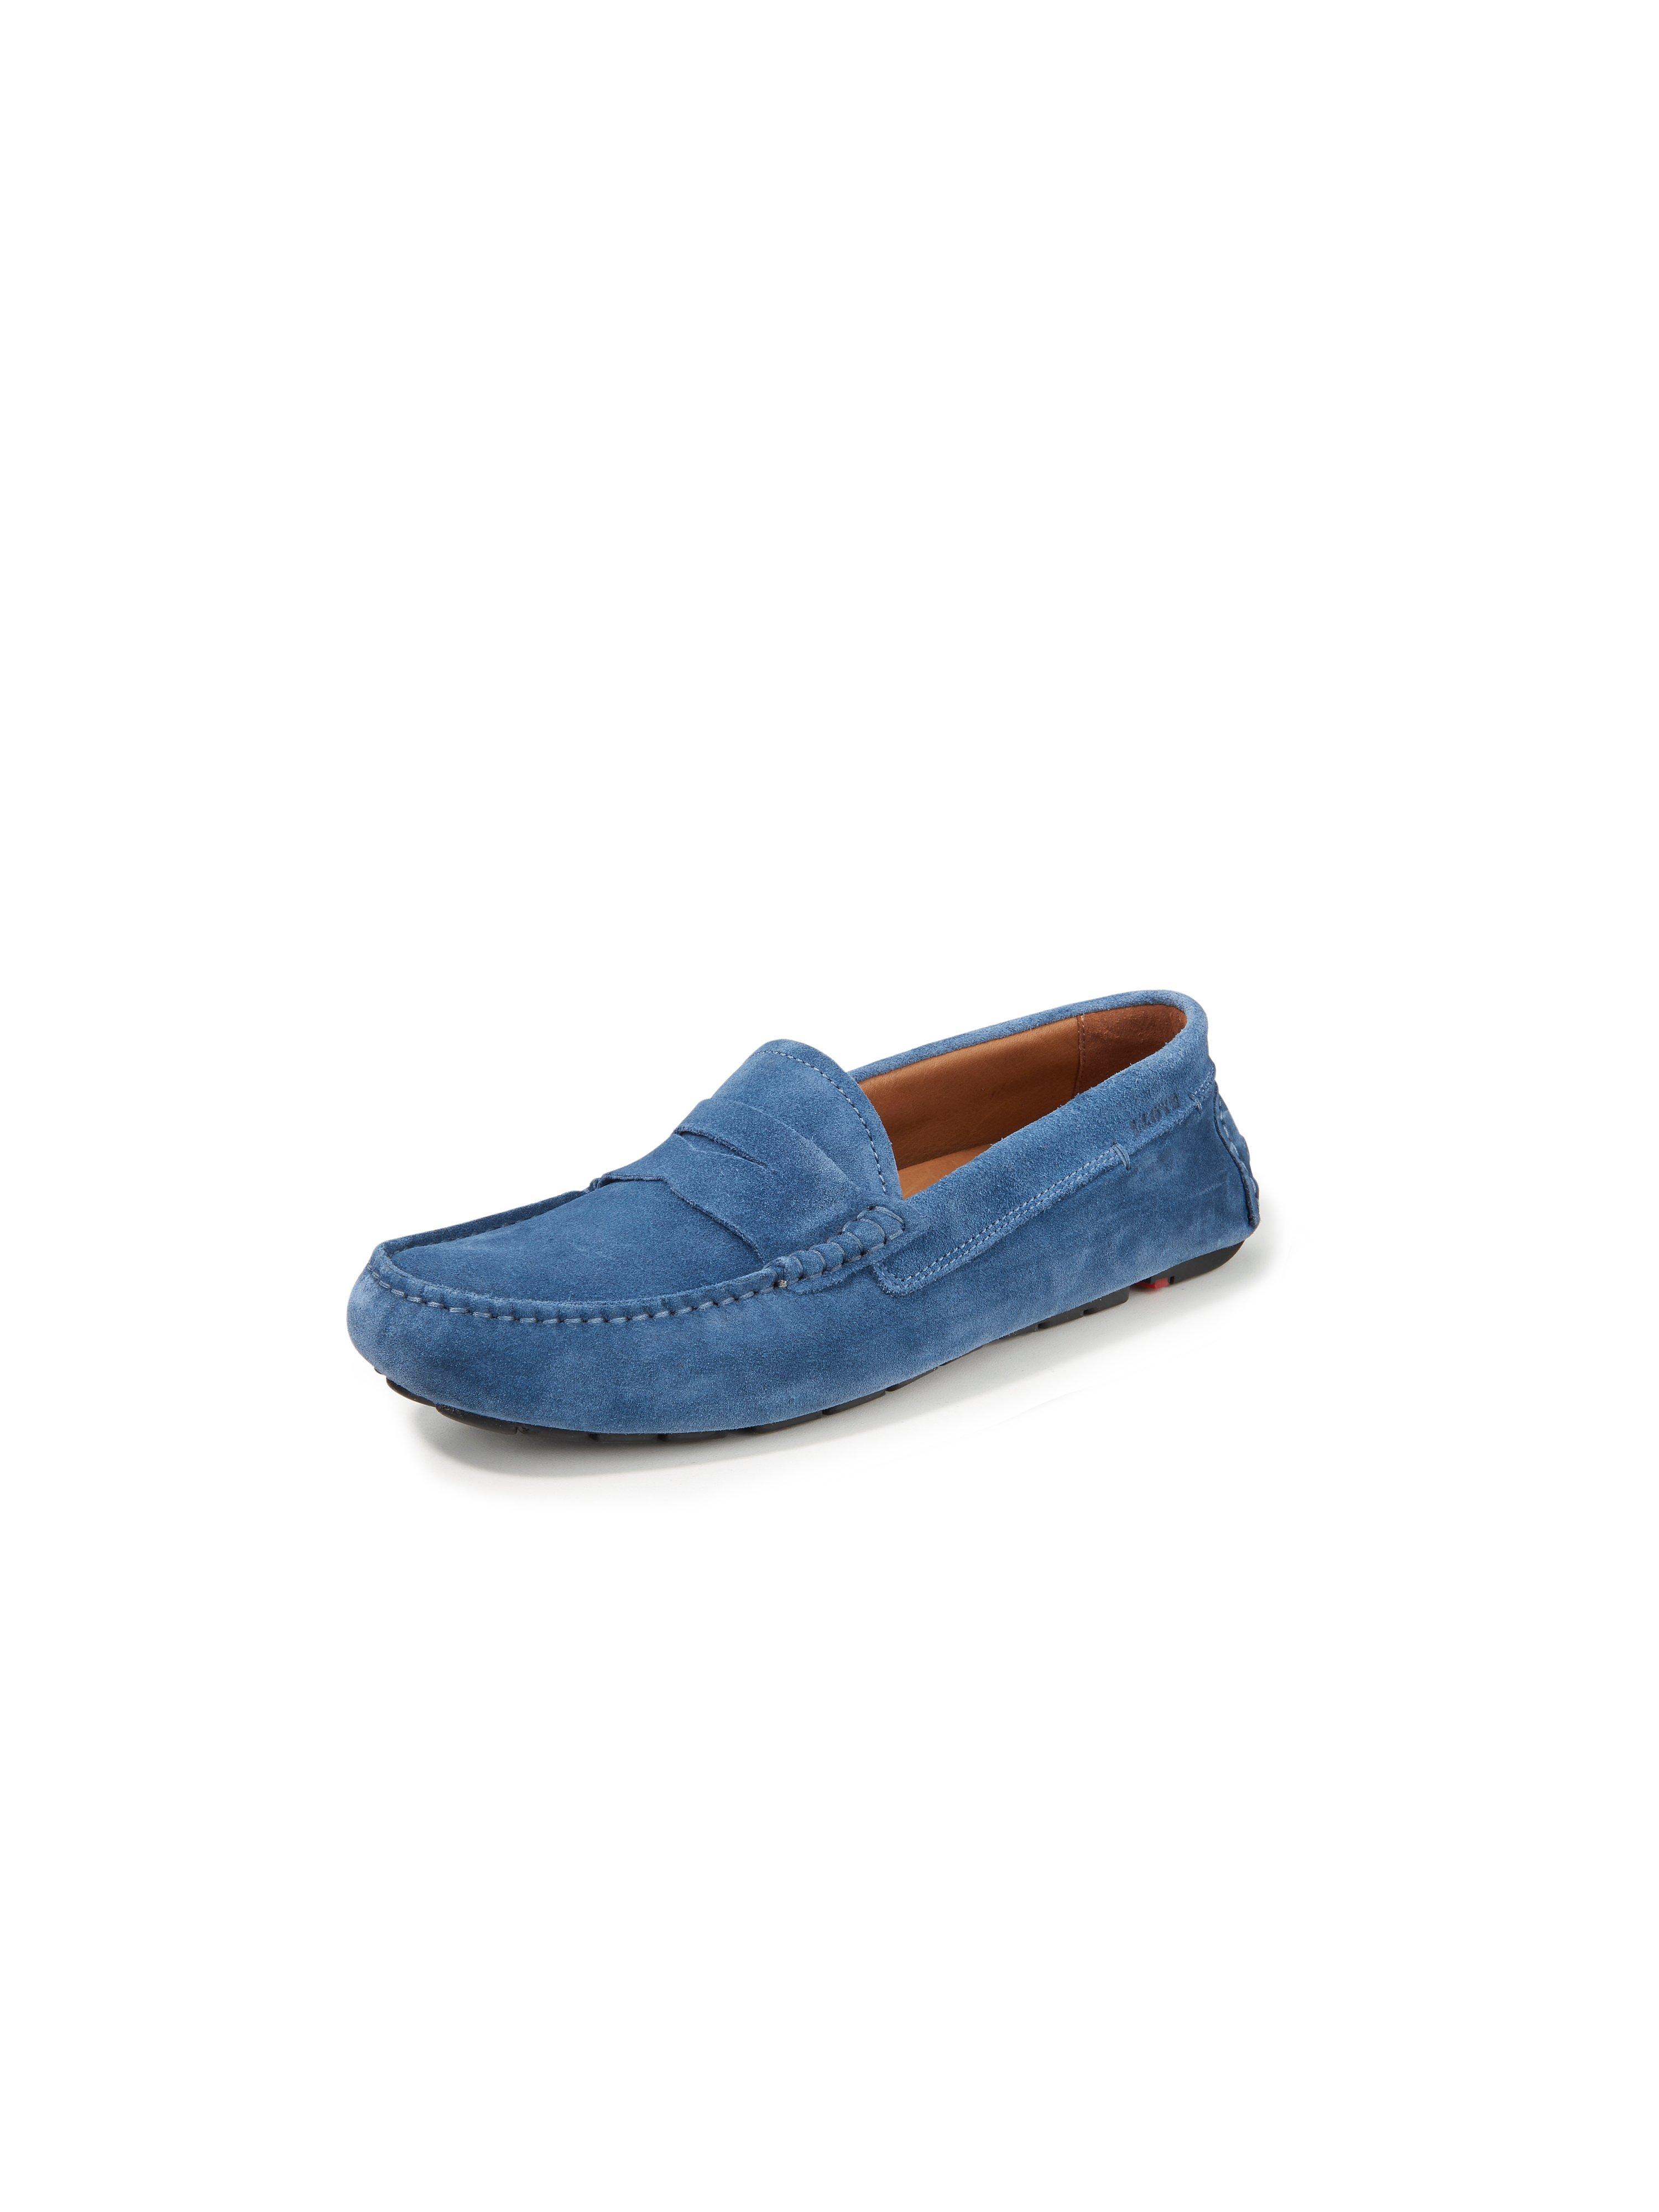 Moccasins Emido Lloyd blue